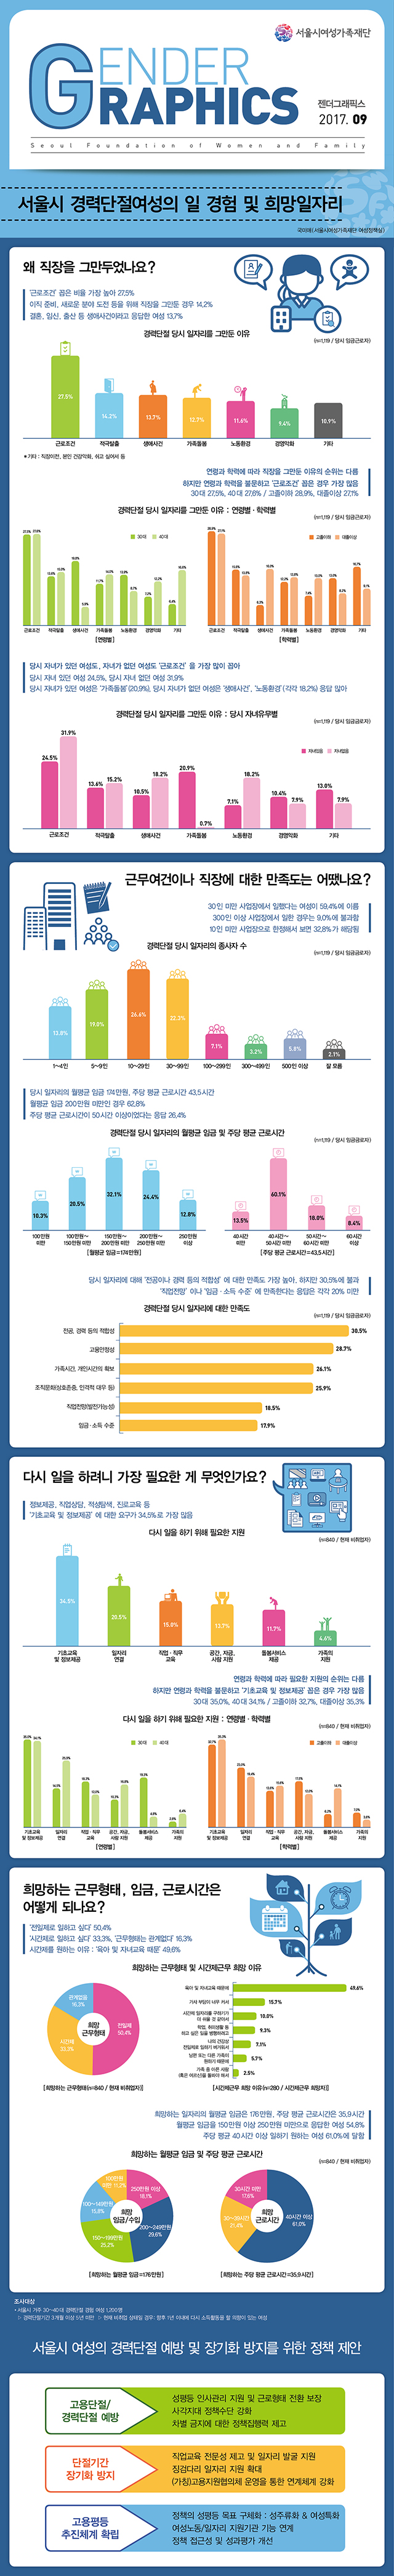 서울시 경력단절여성의 일경험 및 희망 일자리